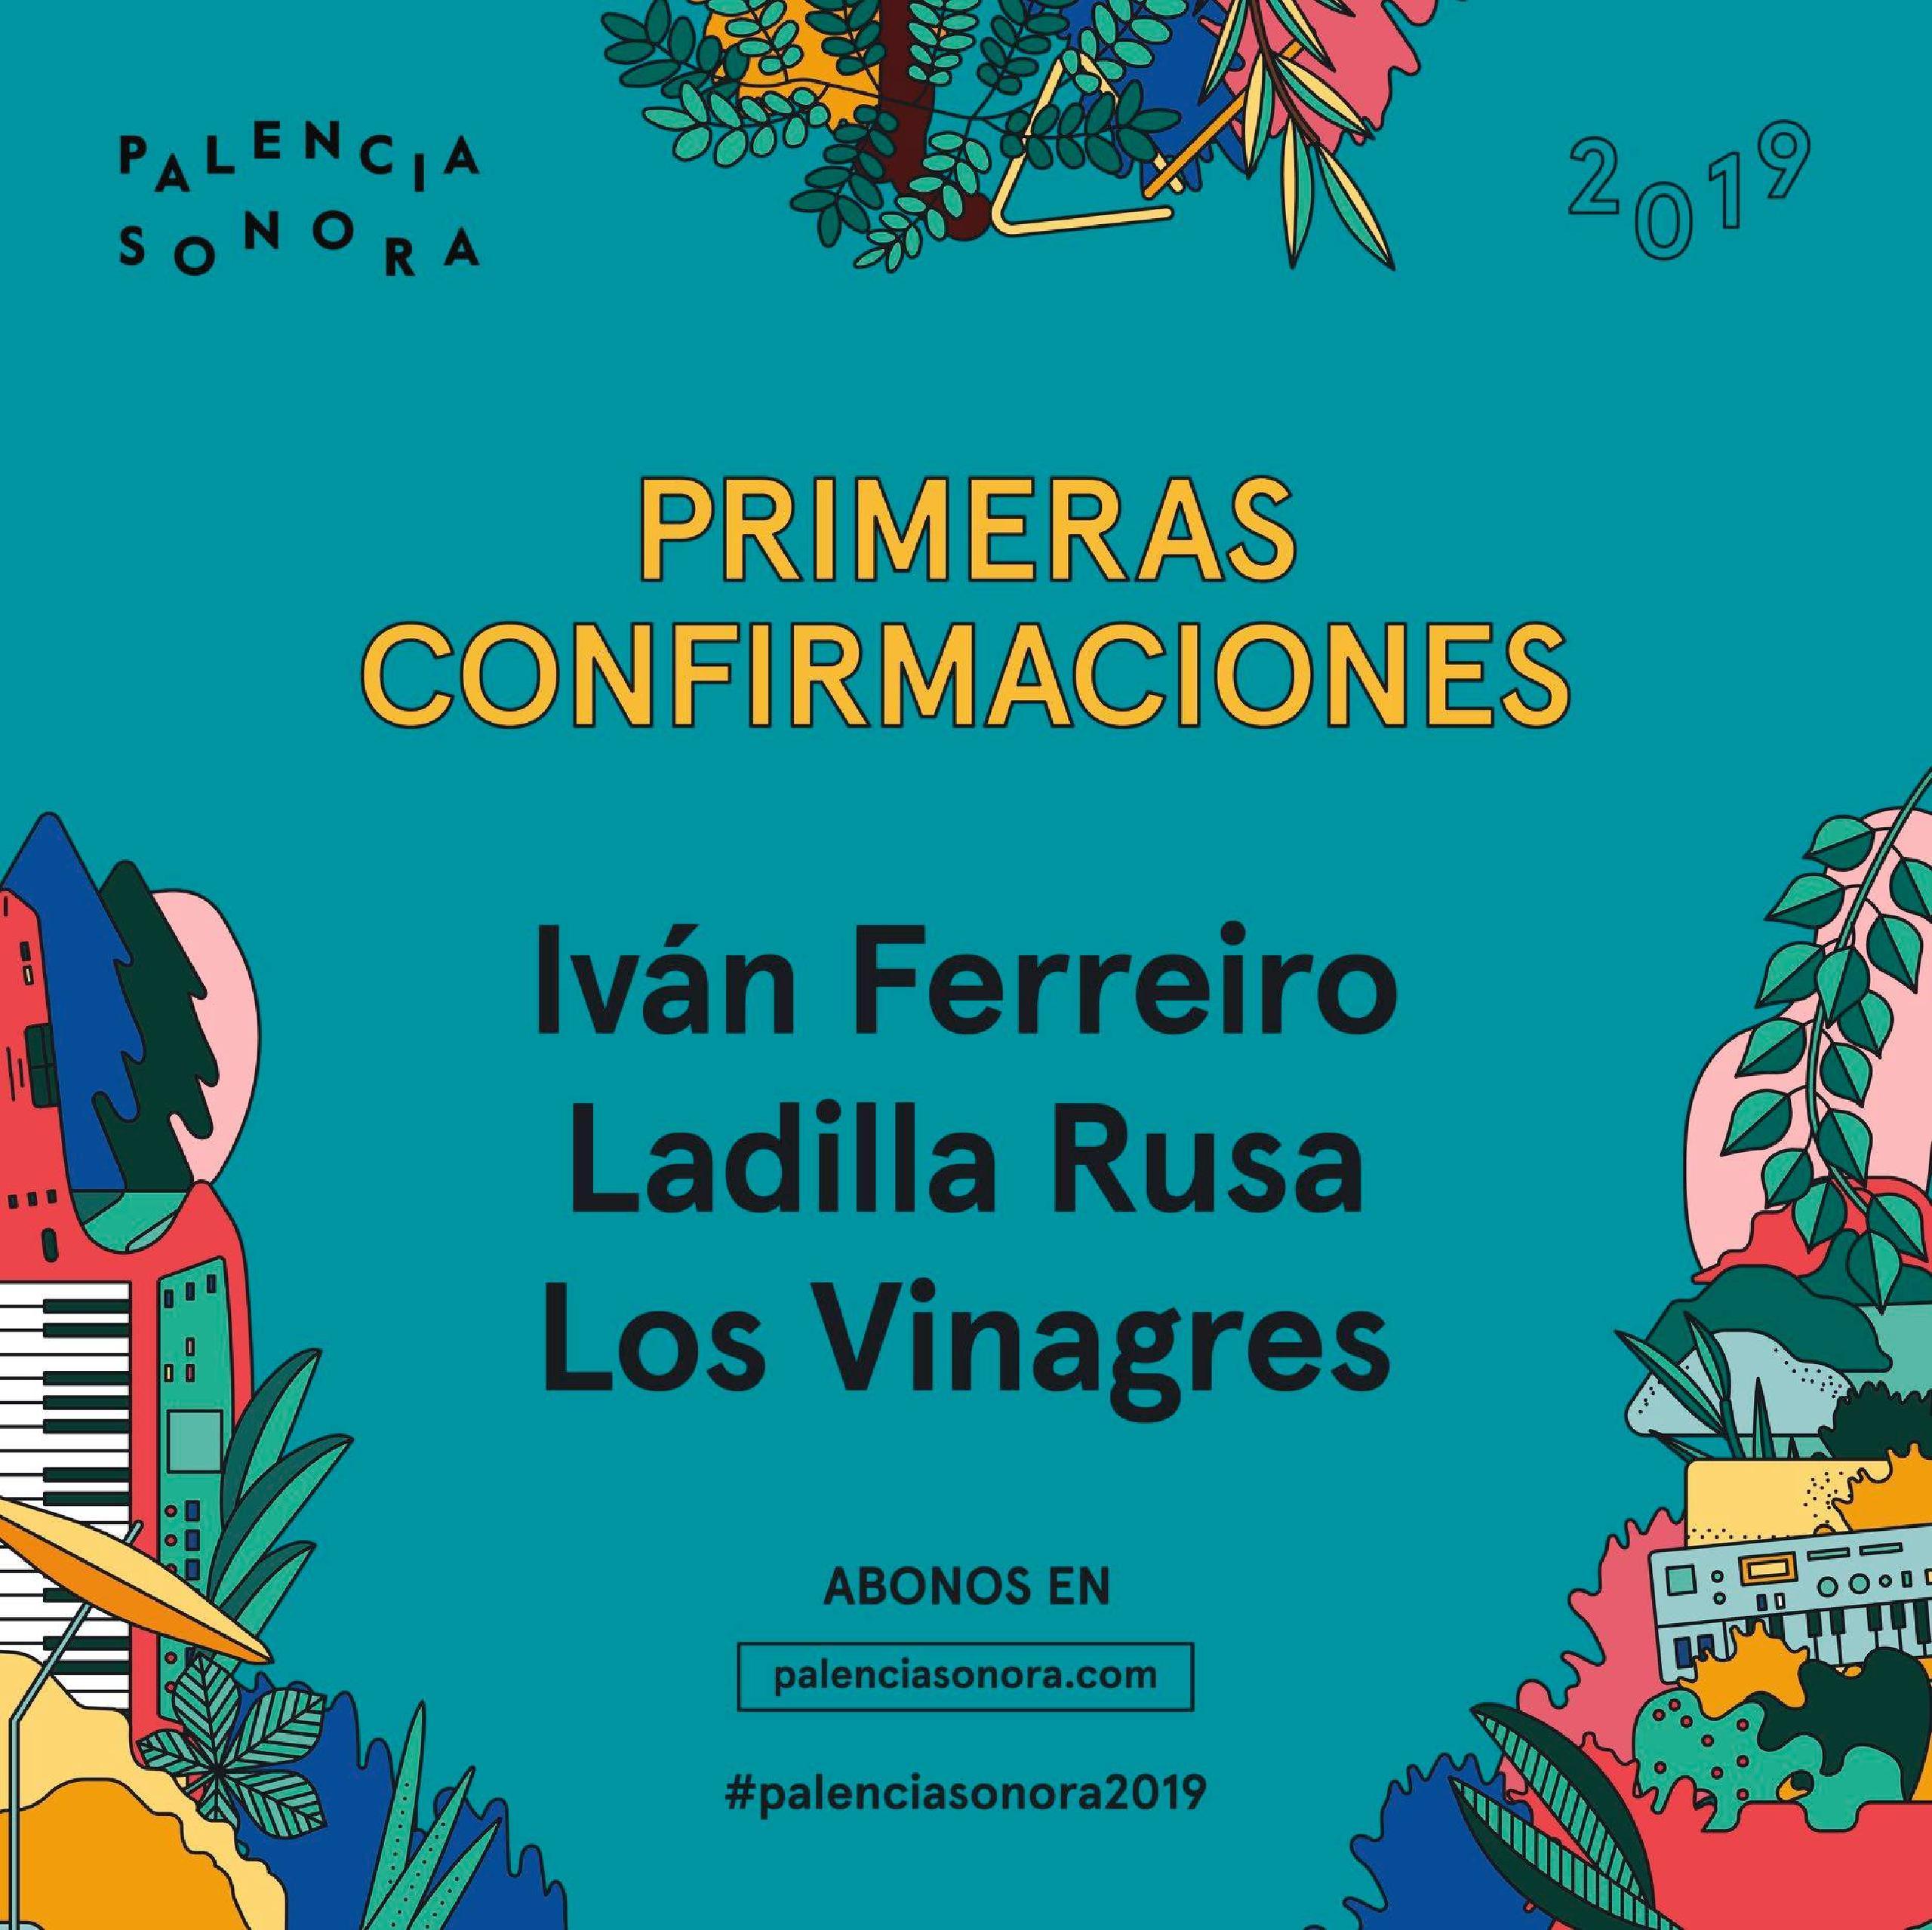 Cartel: Primeras confirmaciones Palencia Sonora 2019